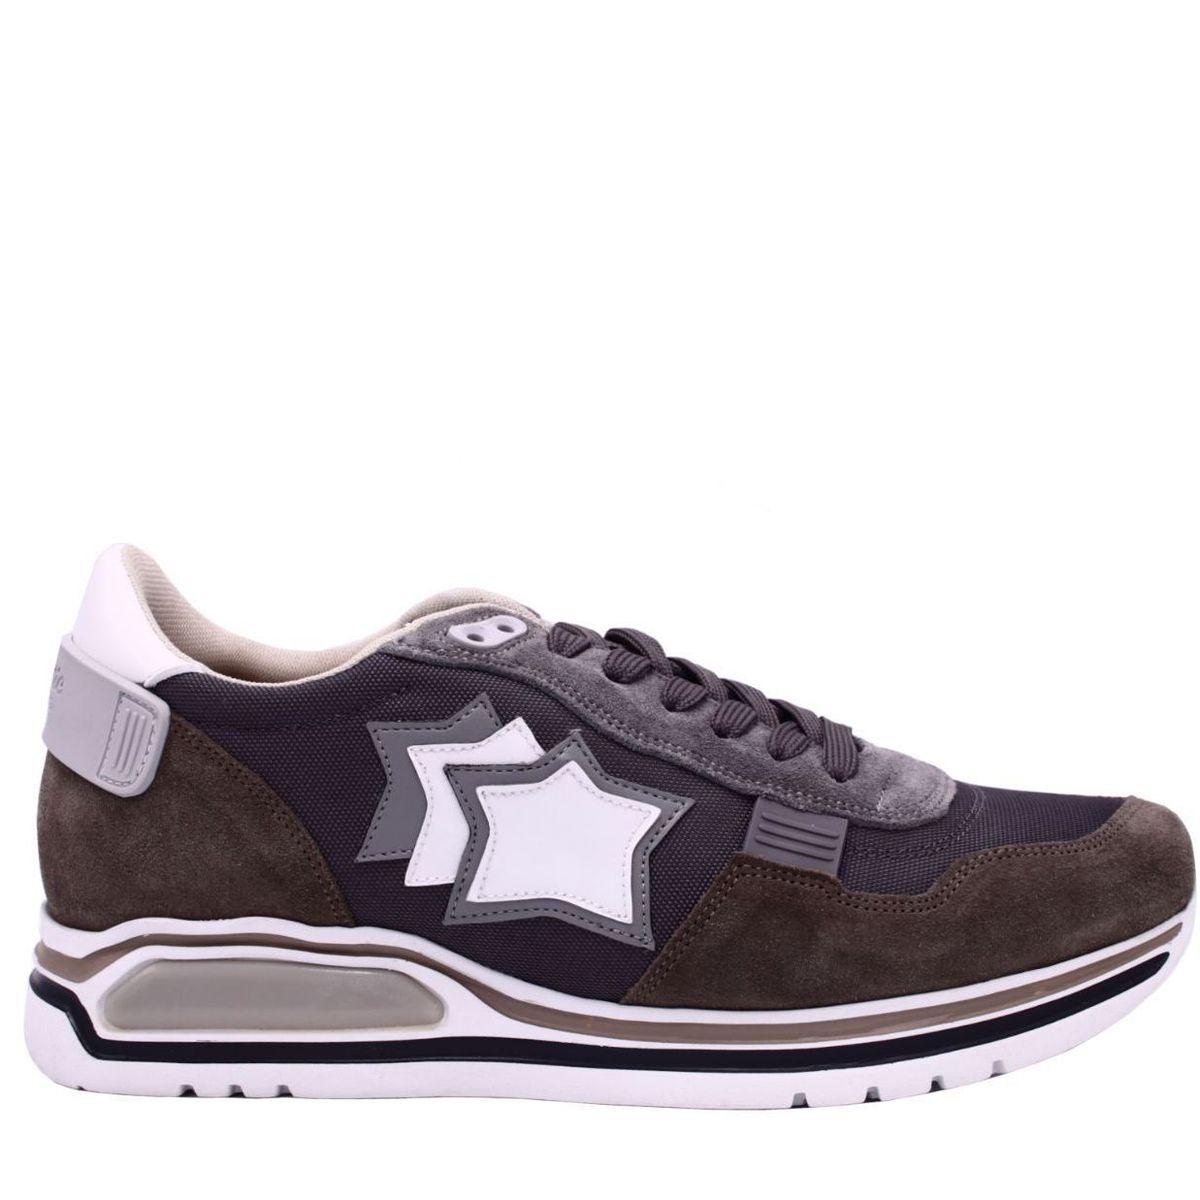 Sneakers modello pegasus marrone Grigio Atlantic Stars